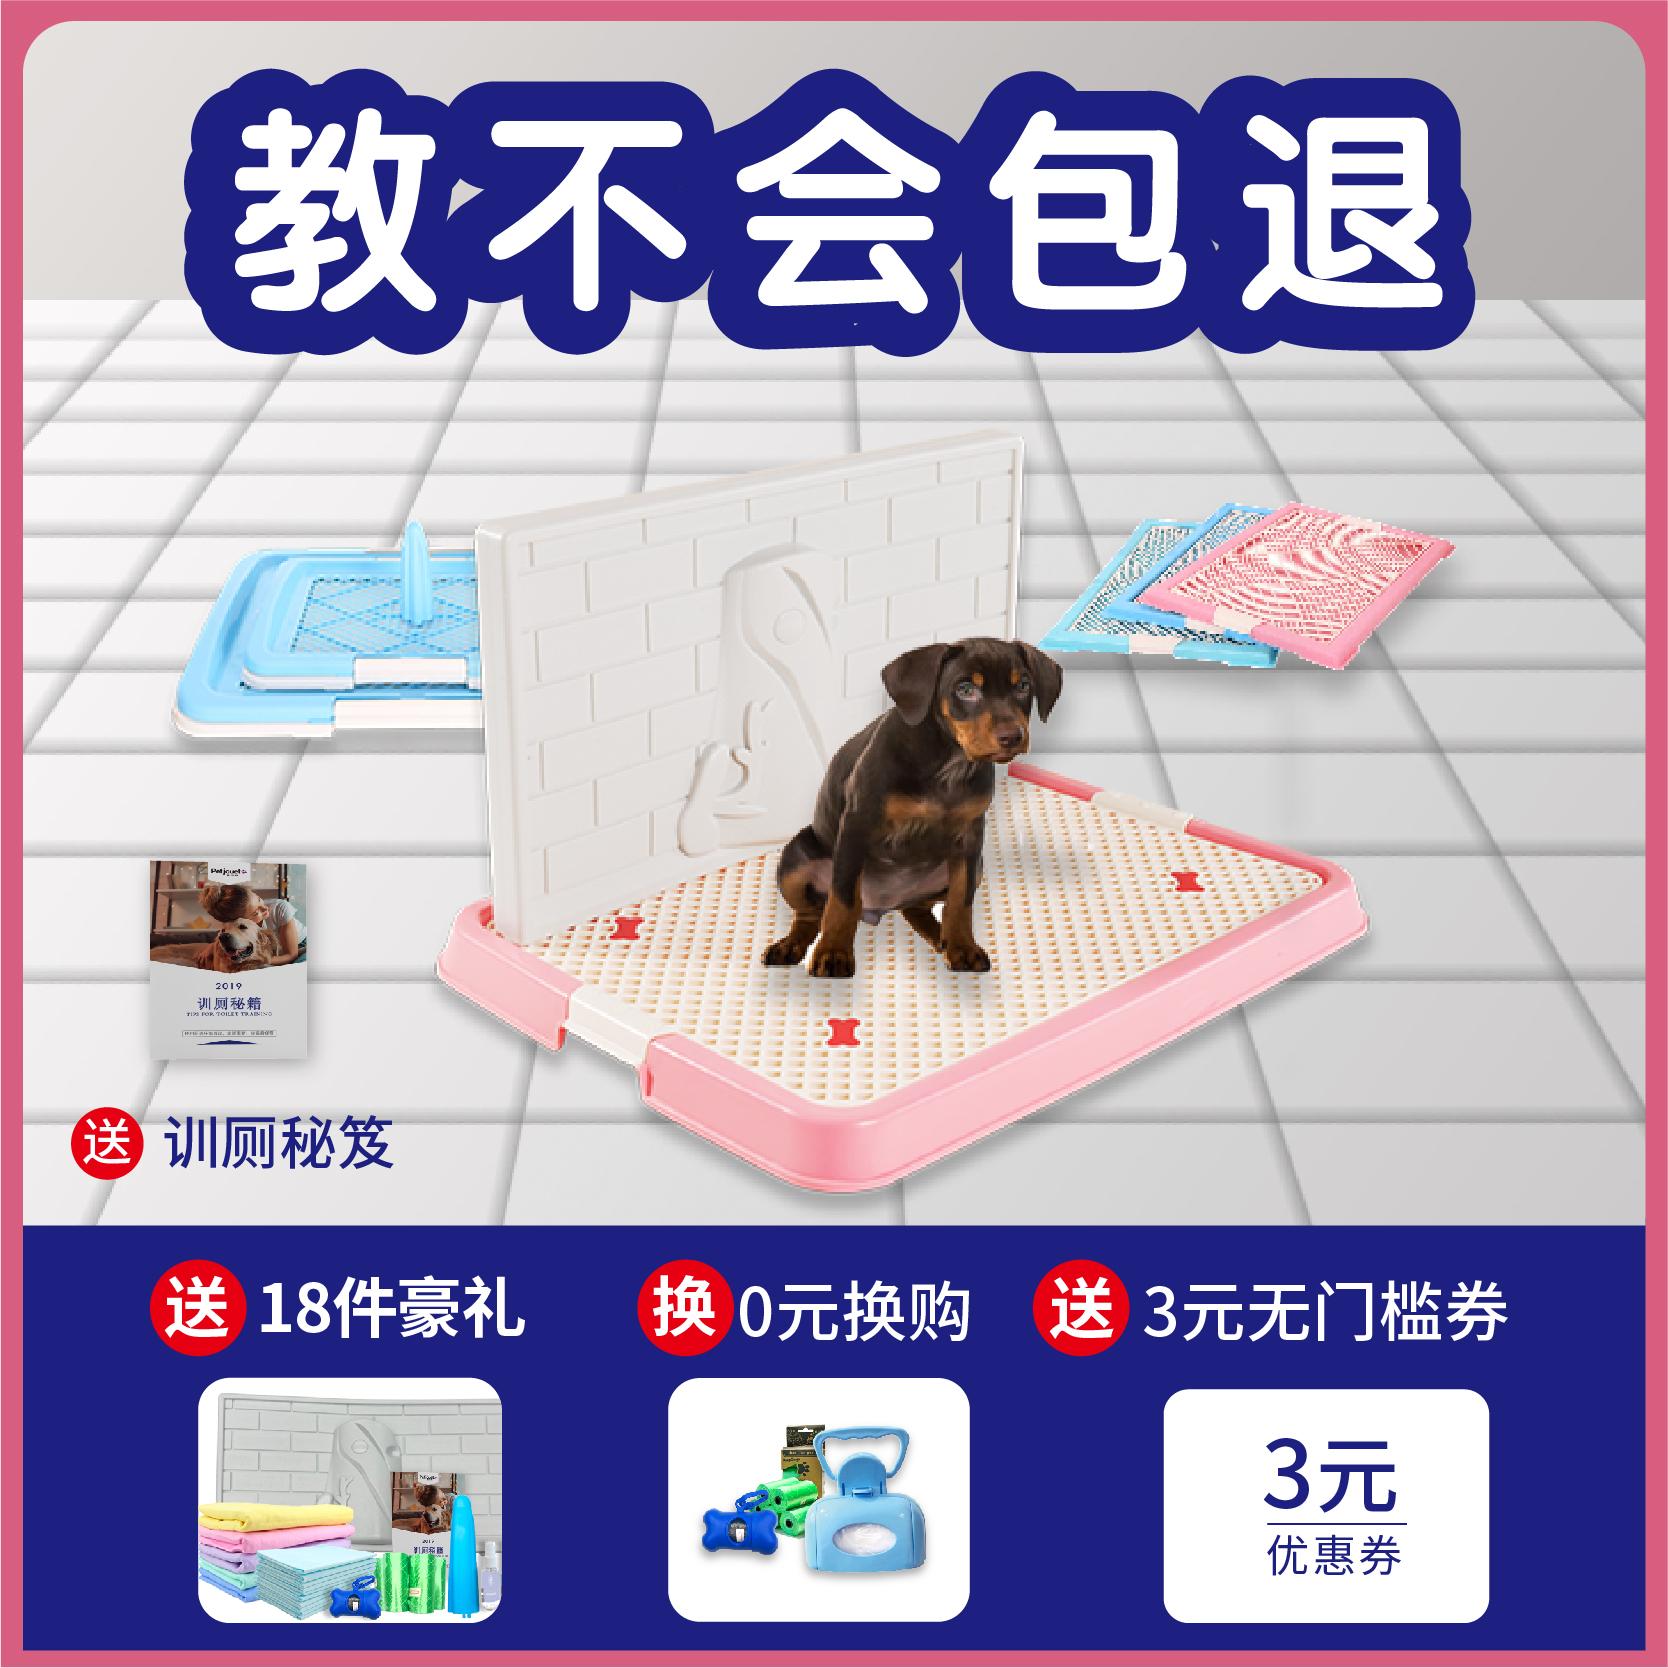 派杰特狗狗厕所泰迪大号大型小型犬自动冲水宠物用品尿盆拉屎便盆